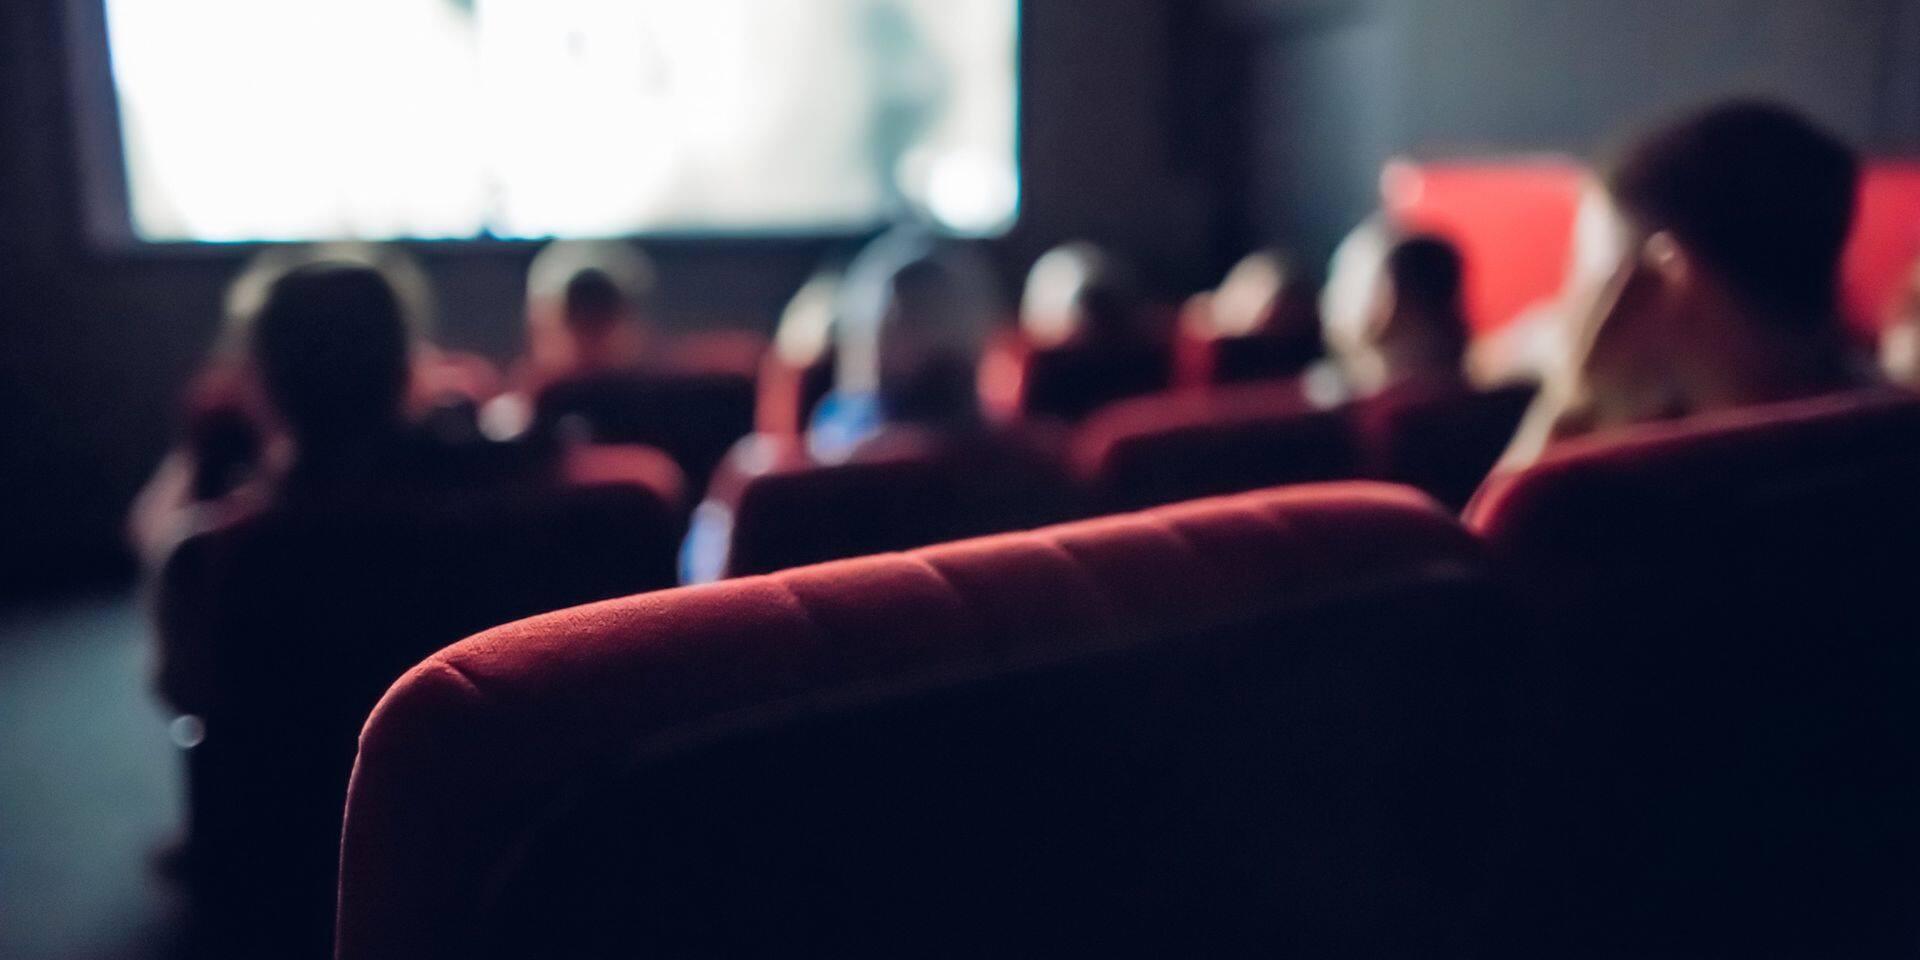 Théâtres, cinémas...: 120 lieux culturels bravent l'interdiction et rouvrent leurs portes ce vendredi